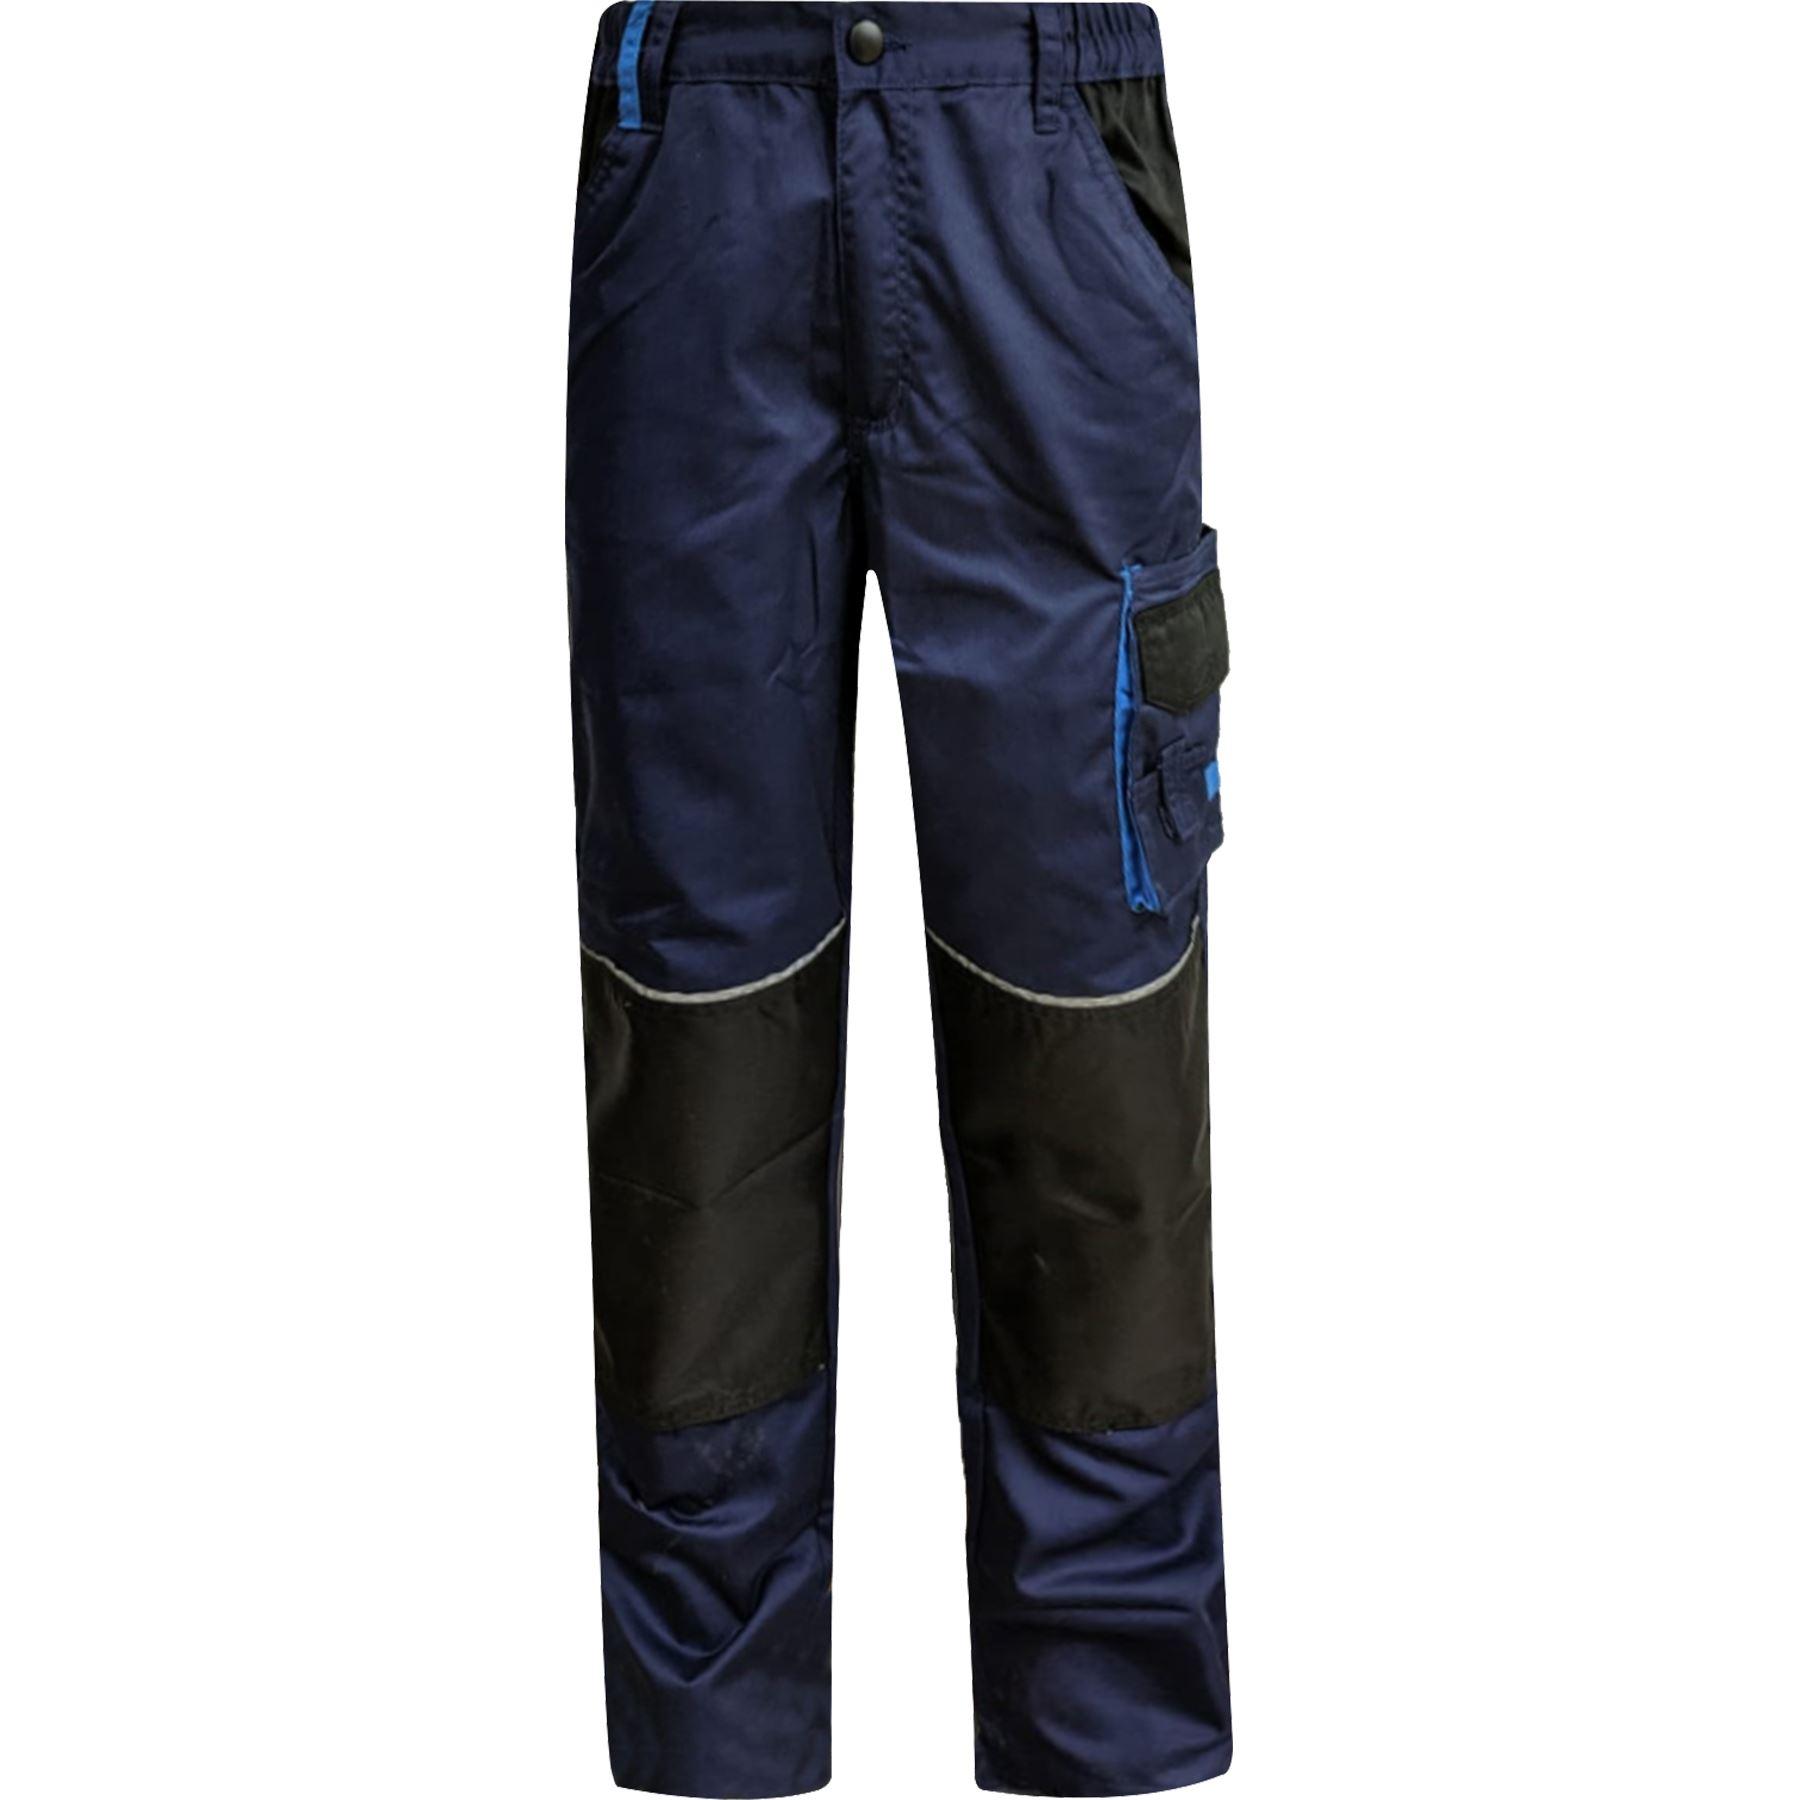 Para-Hombre-Elastico-Cargo-Pantalones-De-Trabajo-Cordura-Resistente-Rodilleras-Bolsillos-Hi-Vis miniatura 6